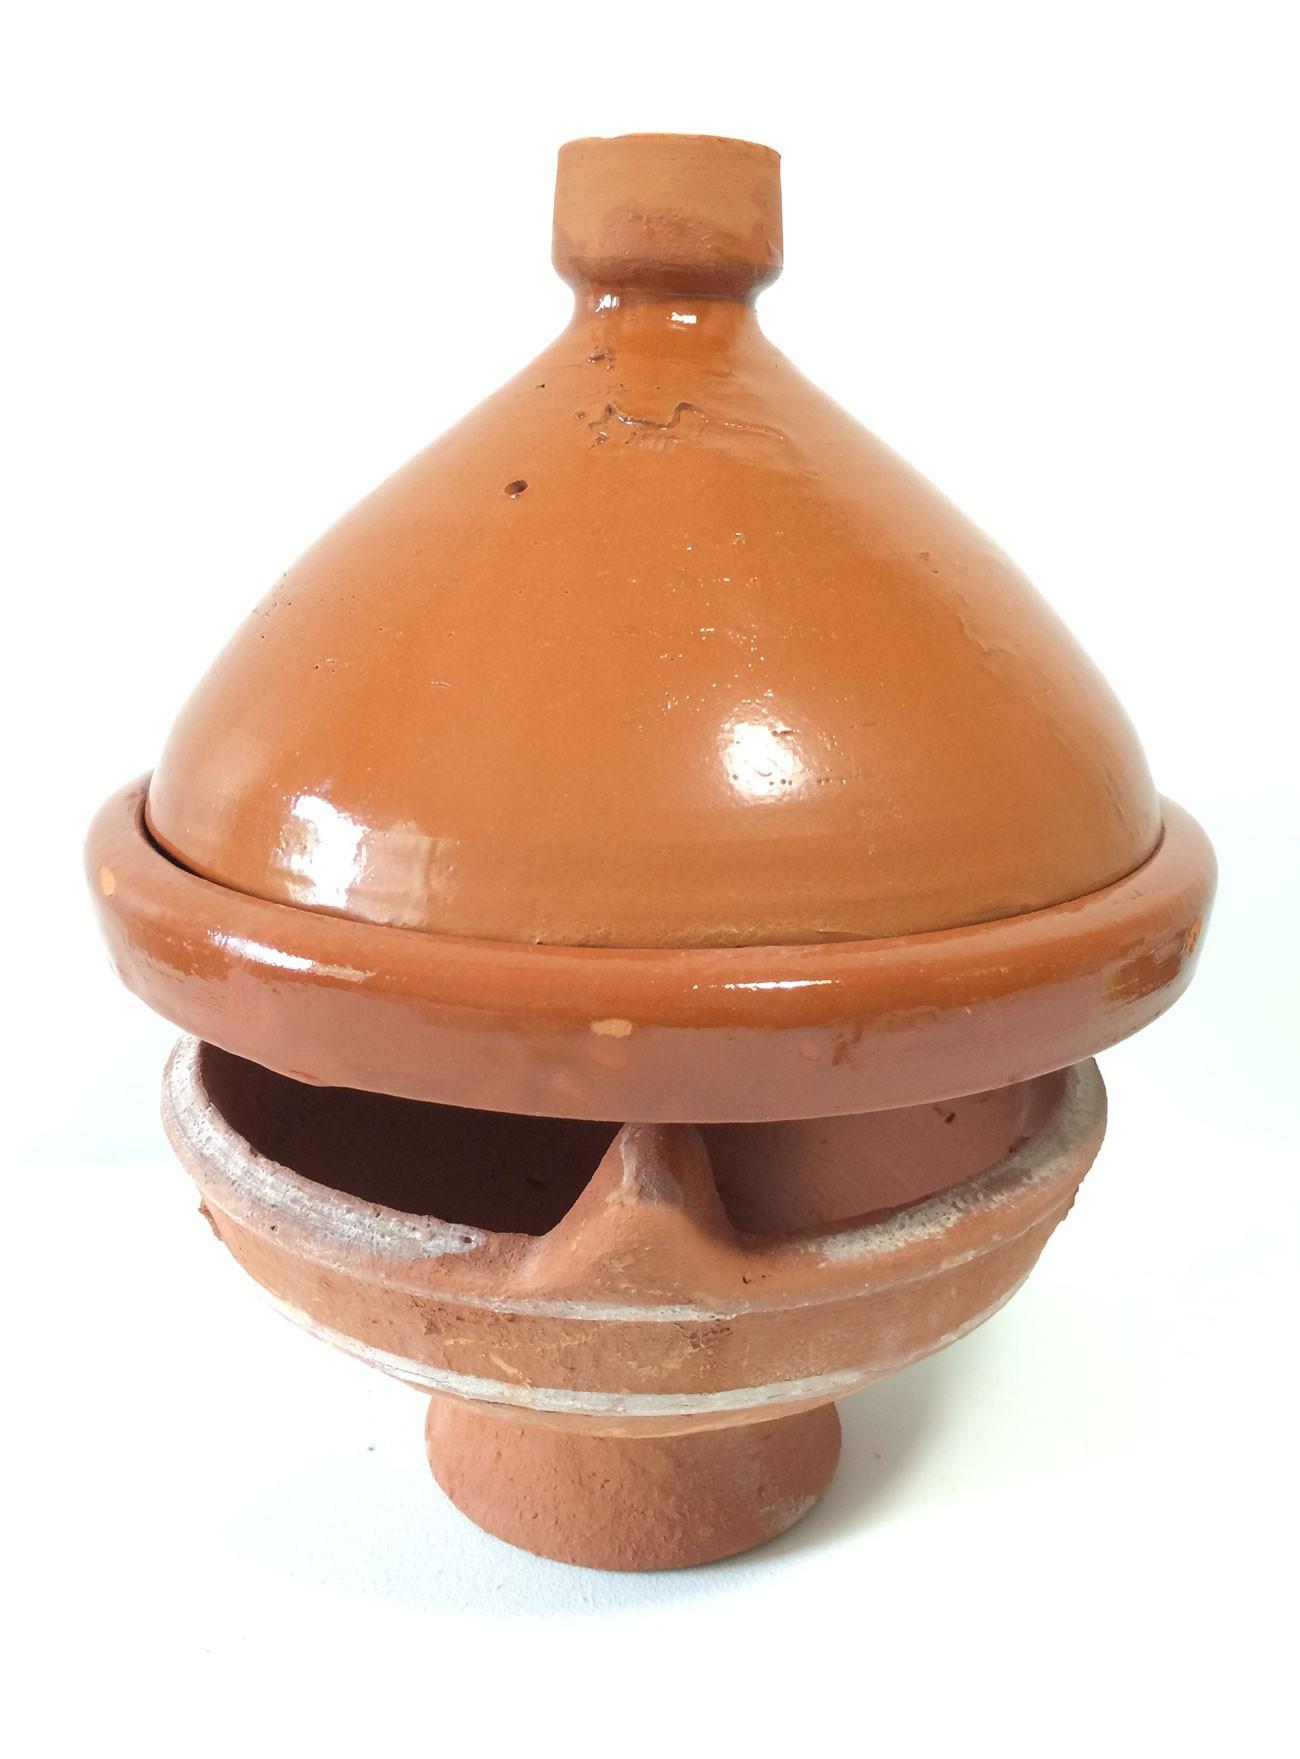 Plat tajine en terre cuite verniss 31 cm et son brasero - Plat tajine terre cuite ...